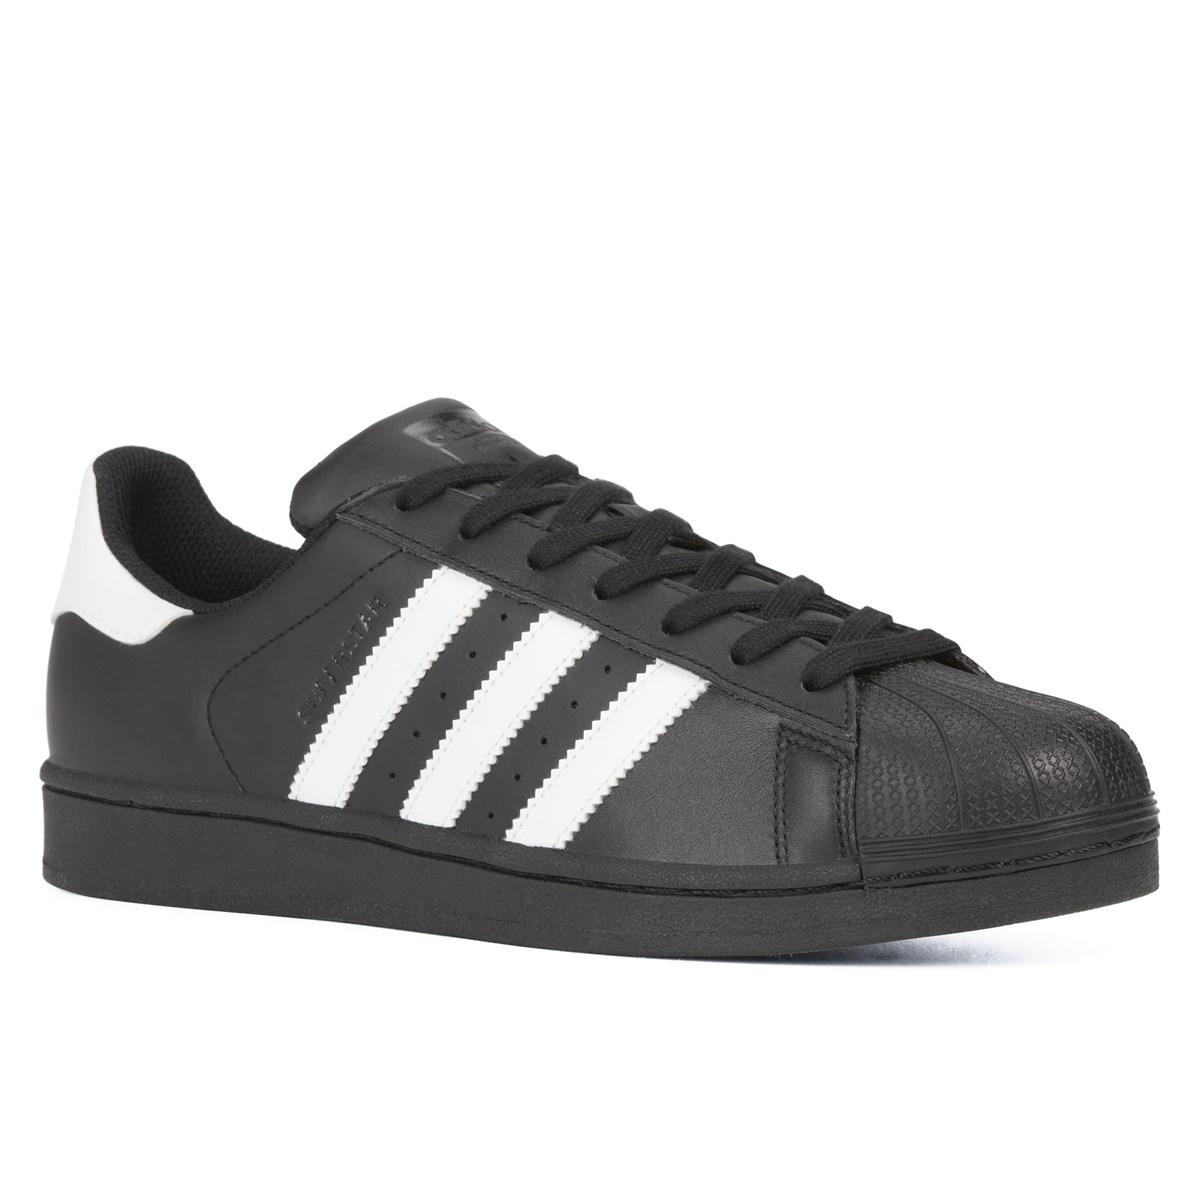 competitive price 1c498 84490 Men s Classic Superstar Black White Sneaker. Previous. default view · ALT1  · ALT2